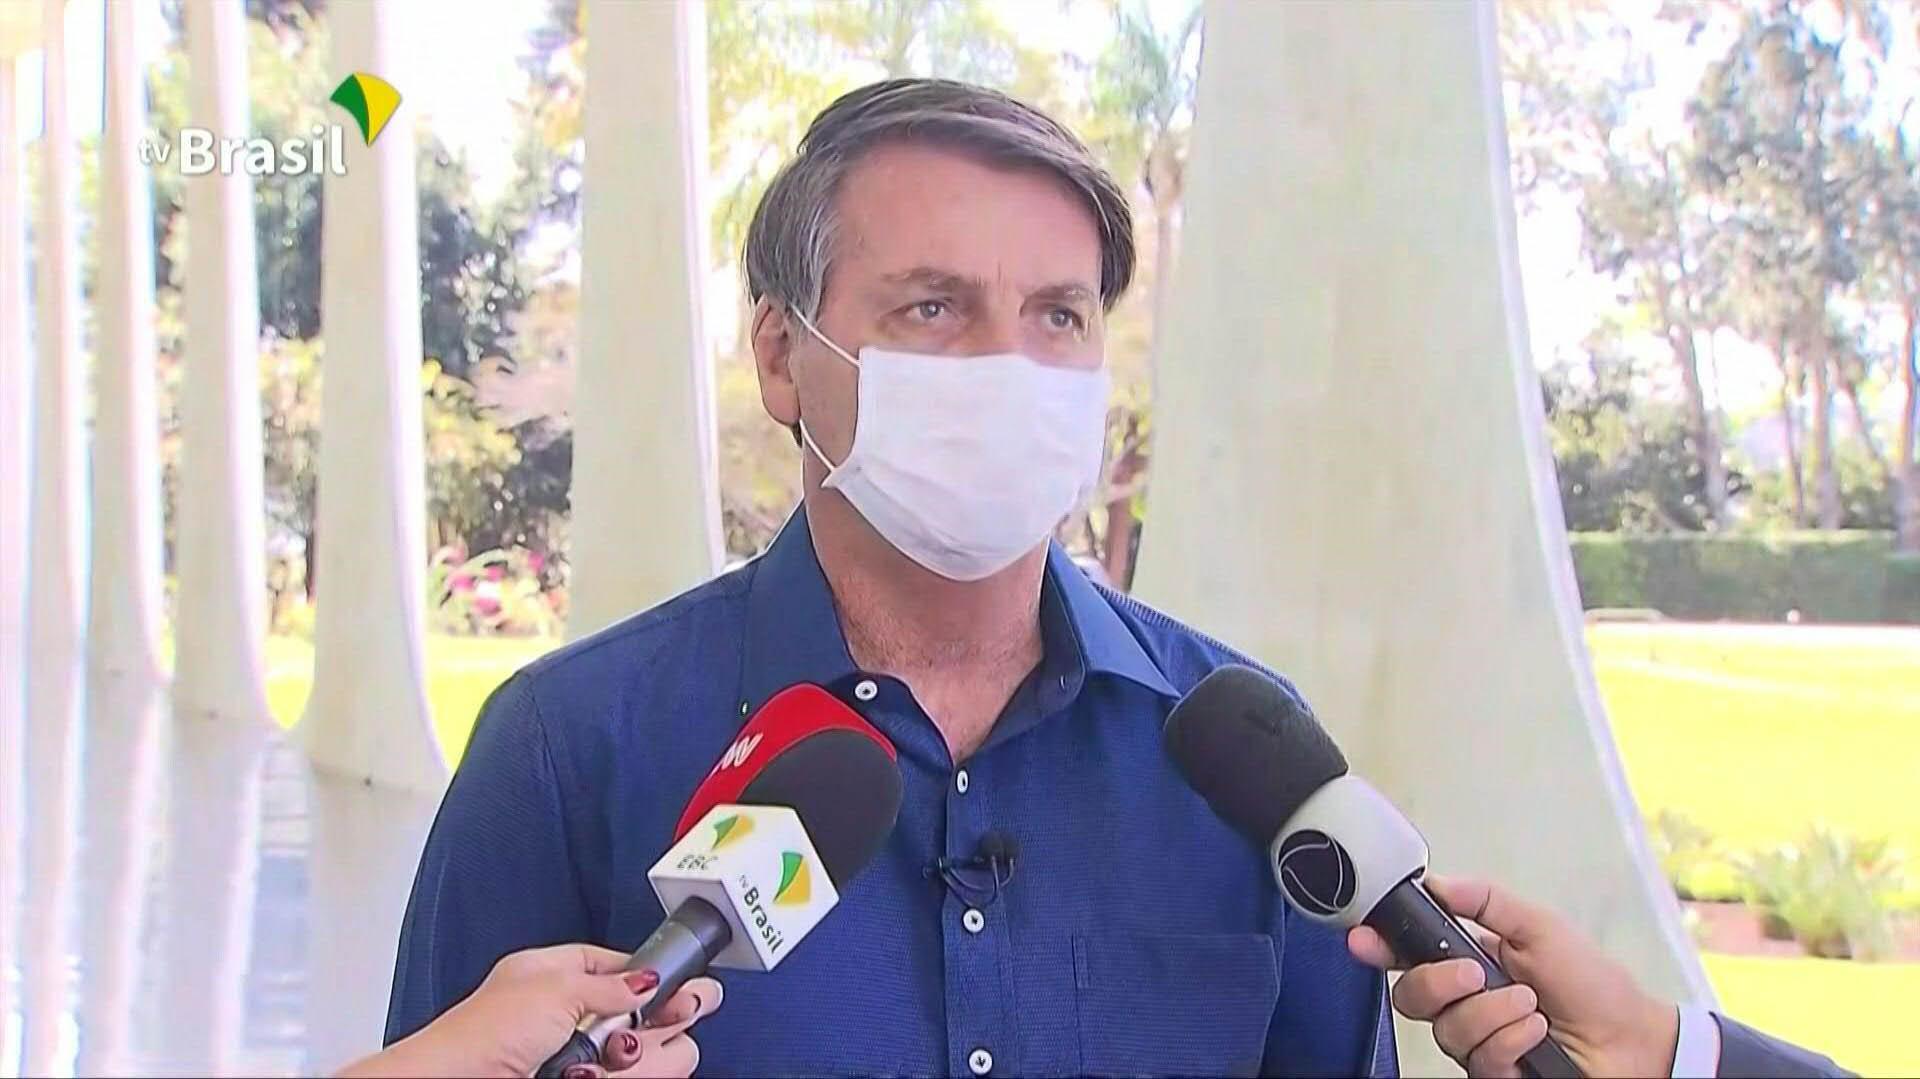 Finalmente, más de tres meses después del comienzo de la pandemia y con Brasil como el segundo país más afectado del mundo, el presidente Jair Bolsonaro se dirigió al país para informar que había dado positivo por coronavirus